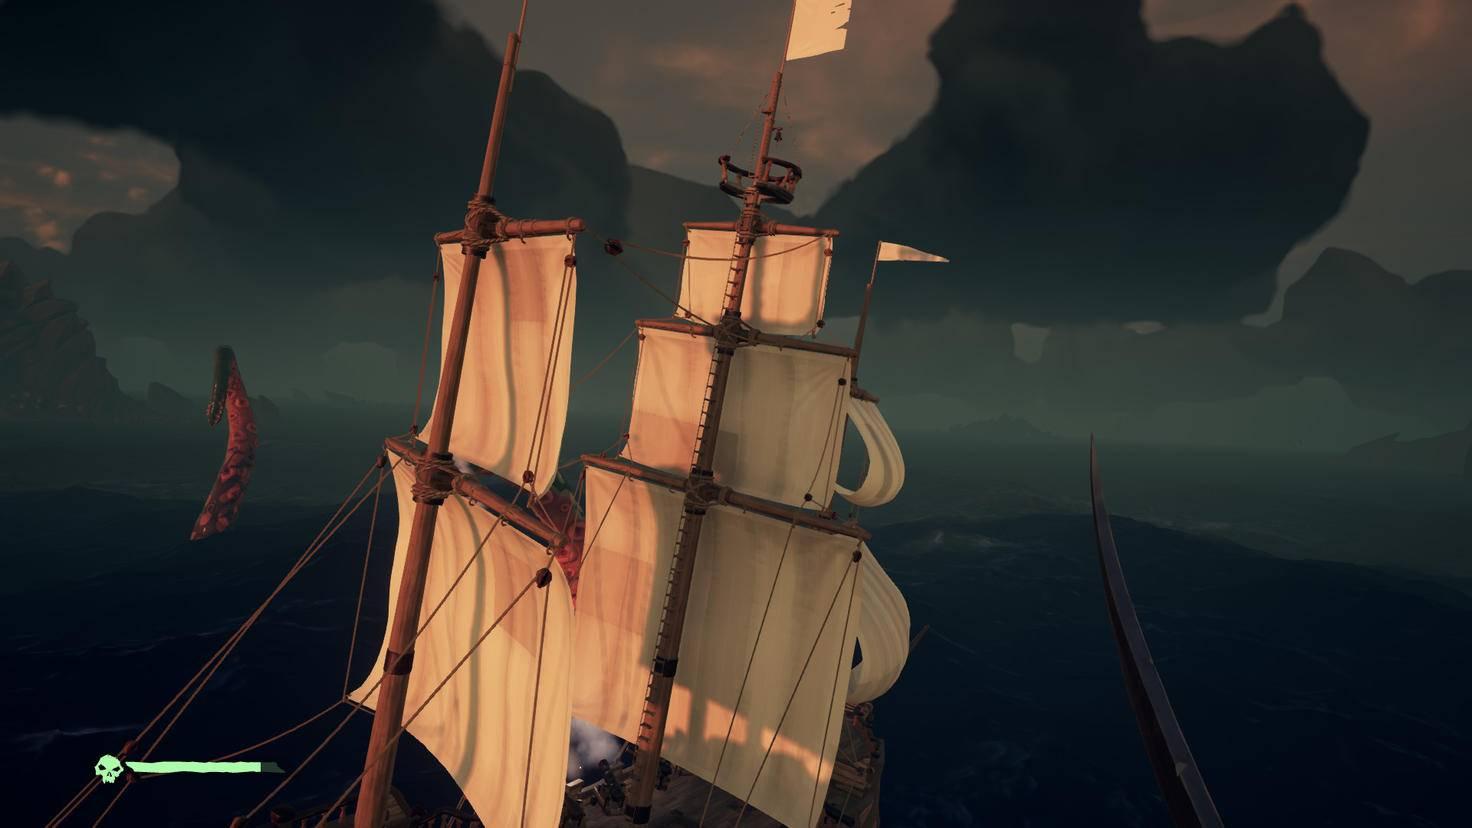 In den Fängen des Ungeheuers: Plötzlich sehe ich das Schiff von außen, ...